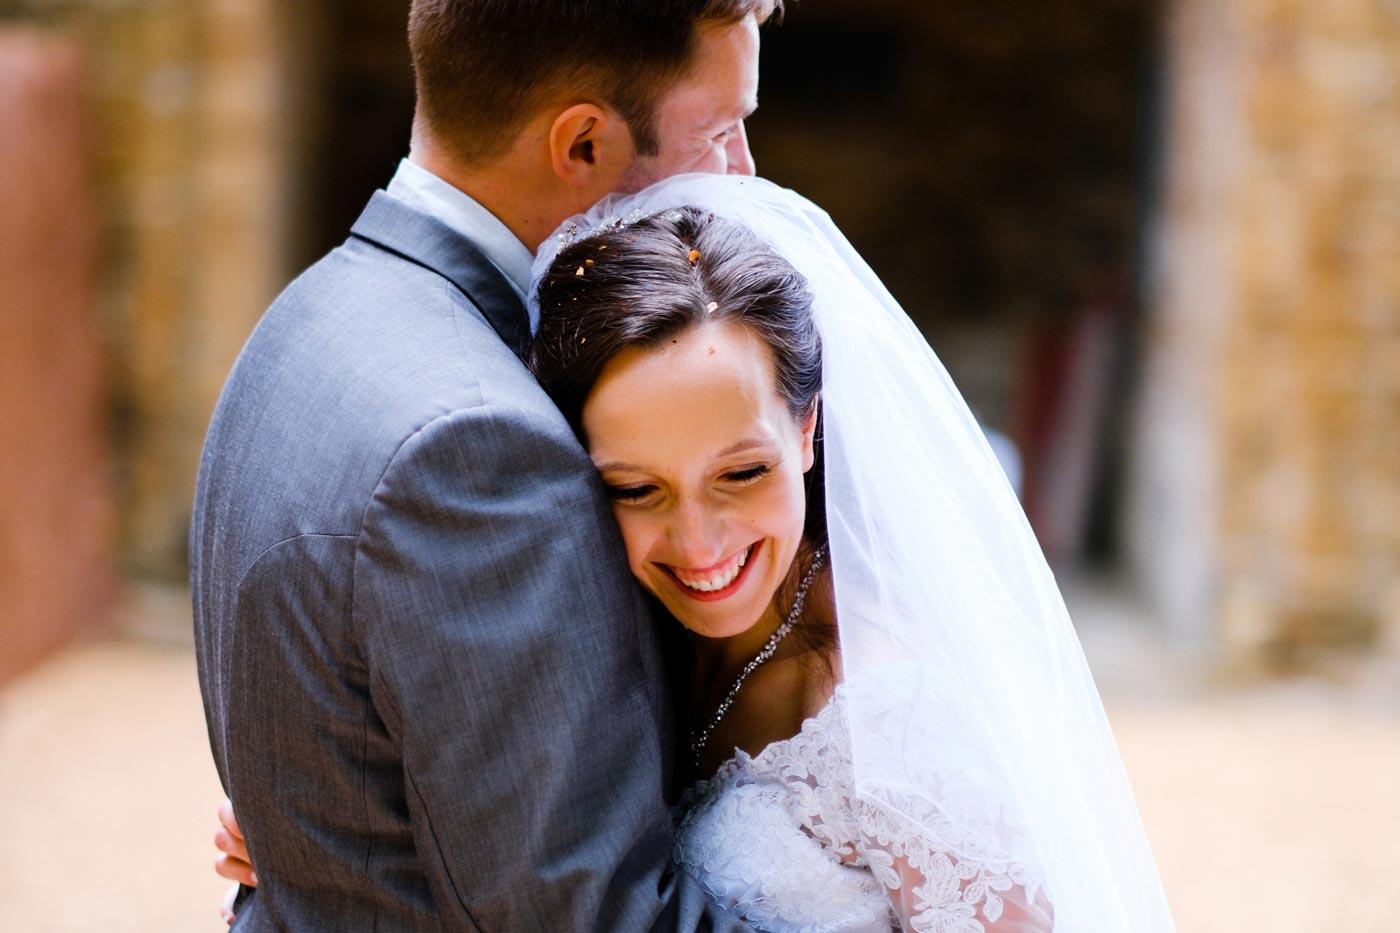 Bride being hugged by her groom